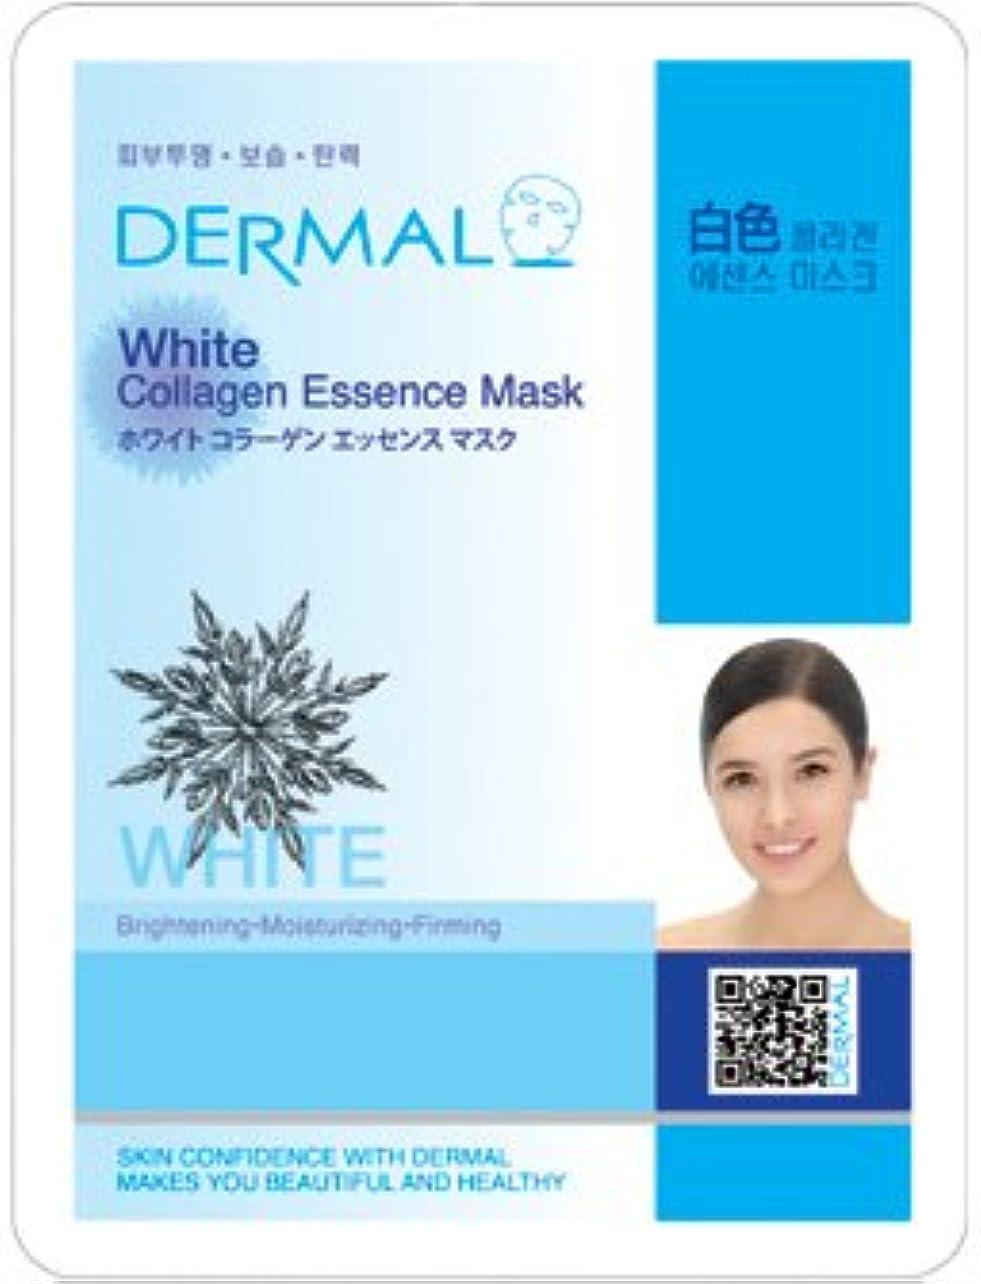 間違いなく応じるゴネリルシートマスク ホワイト 100枚セット ダーマル(Dermal) フェイス パック